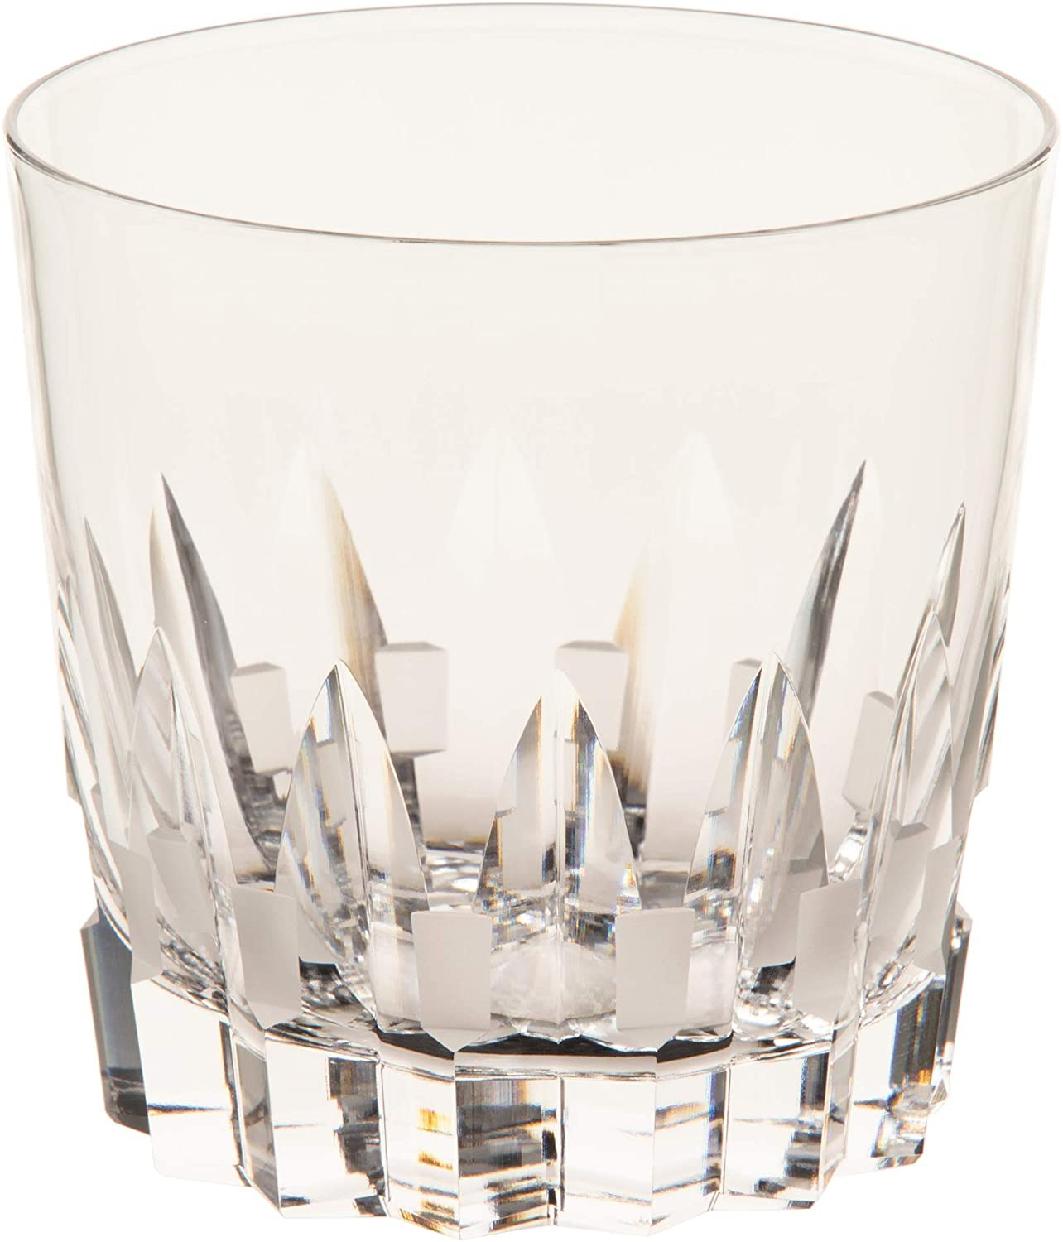 カガミクリスタル ロックグラス<校倉>270㏄ T394-312の商品画像